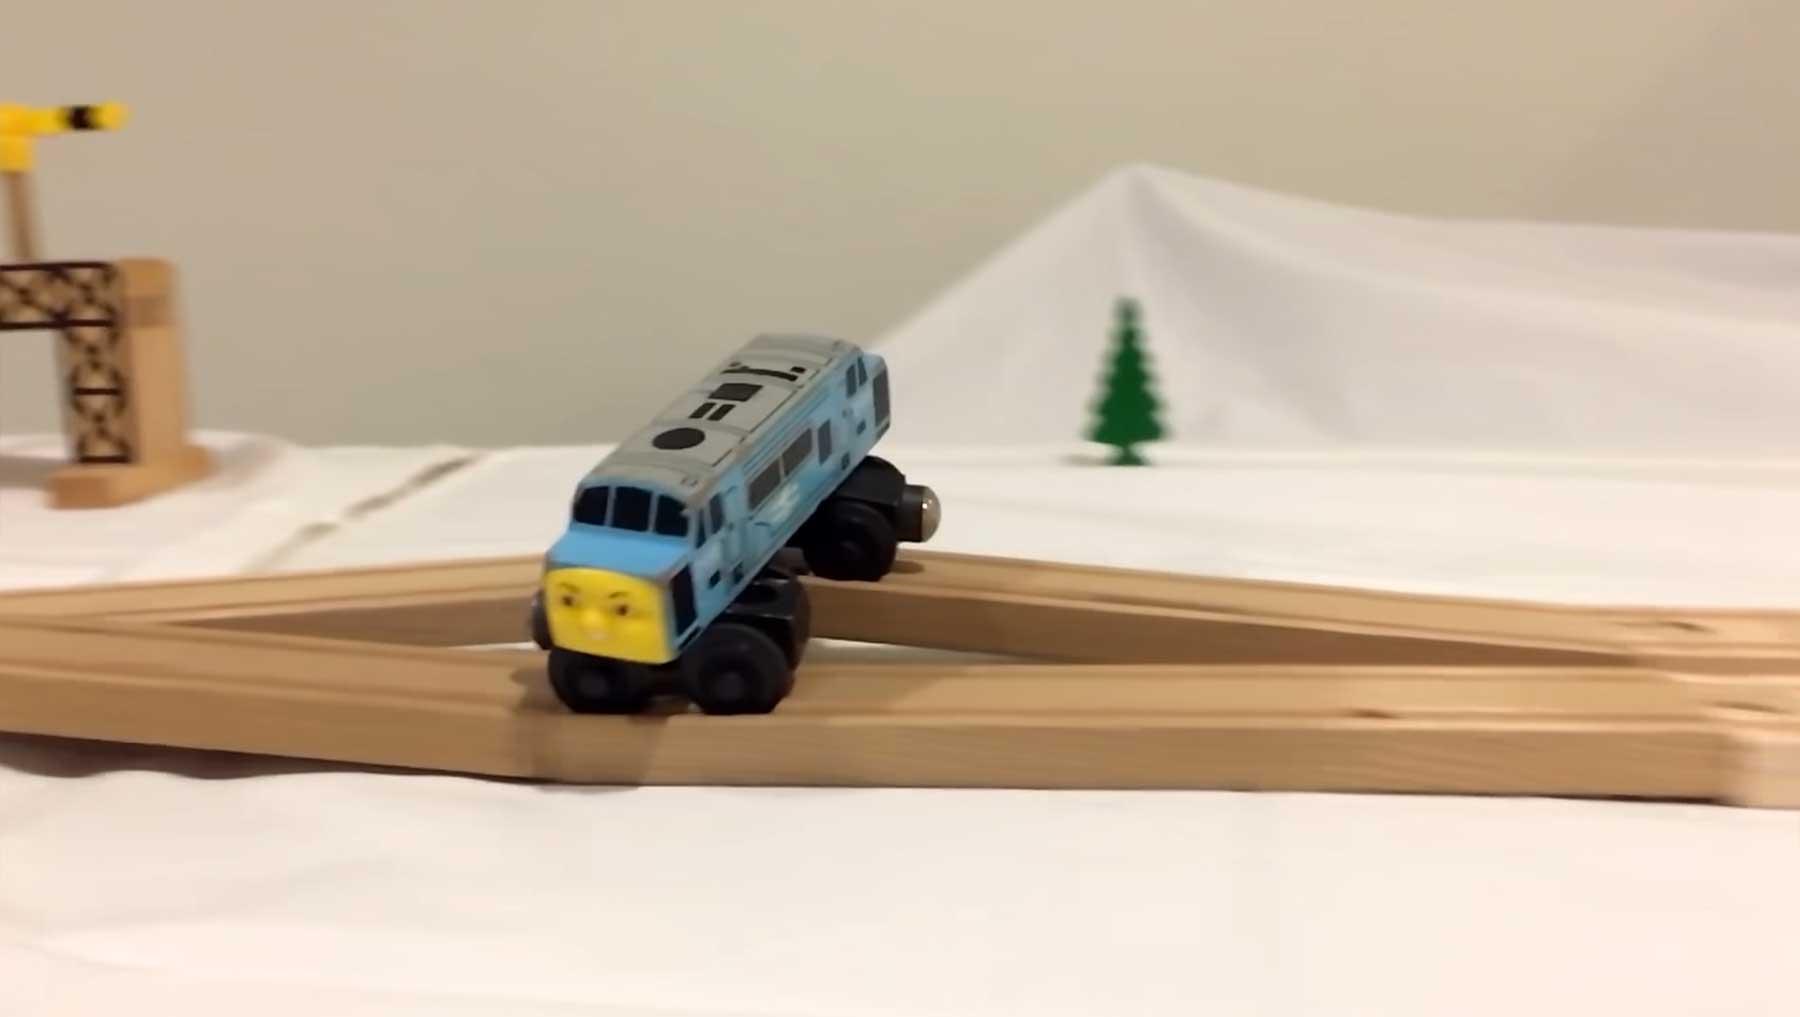 Coole Stunts mit der Holzeisenbahn diesel-train-stunts